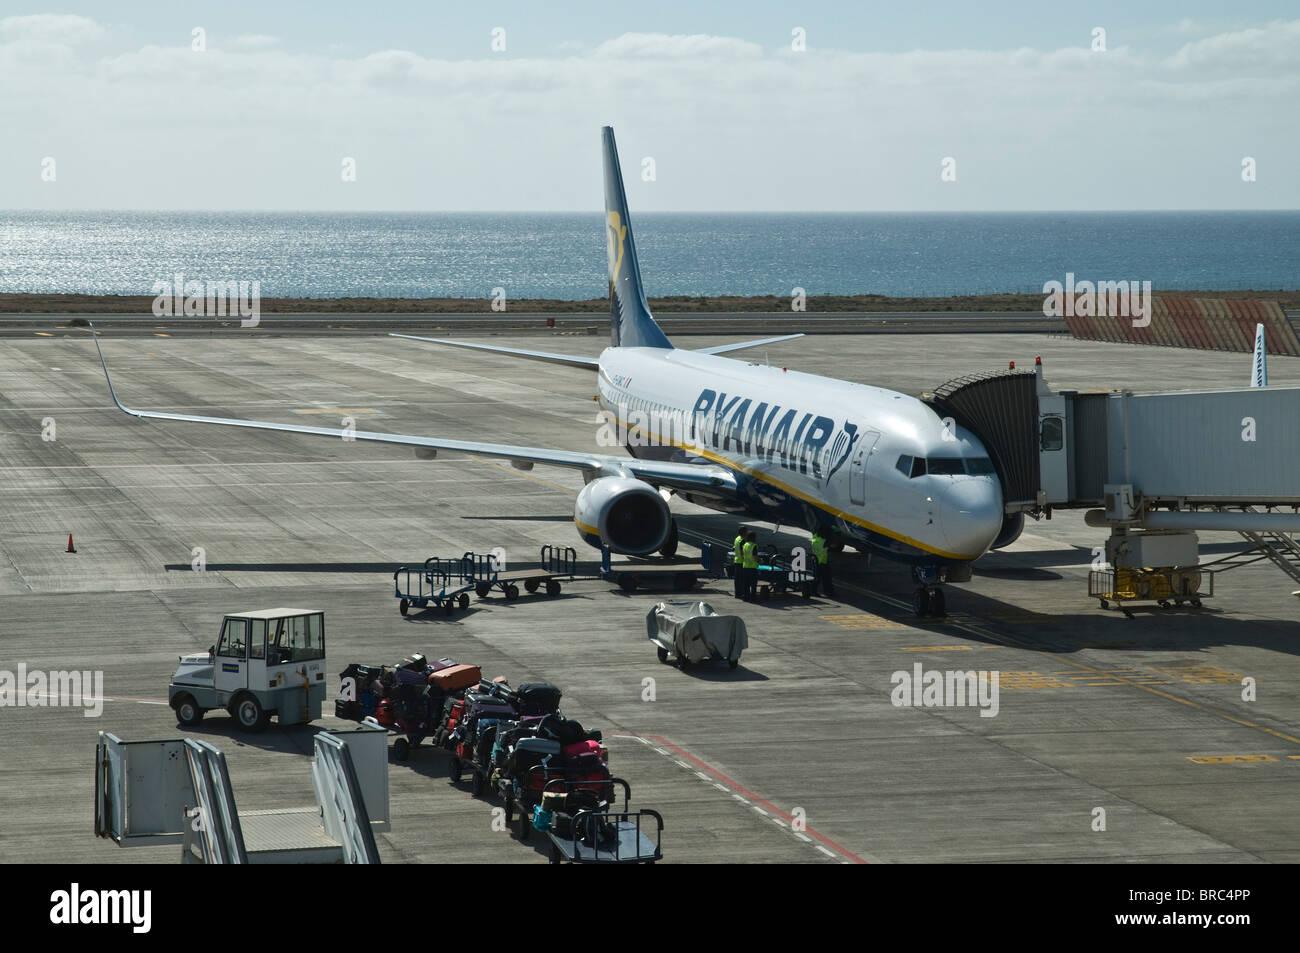 Dh FLUGHAFEN ARRECIFE LANZAROTE Ryanair Flugzeug auf der Piste laden Gepäck Zug Flugzeug Stockbild